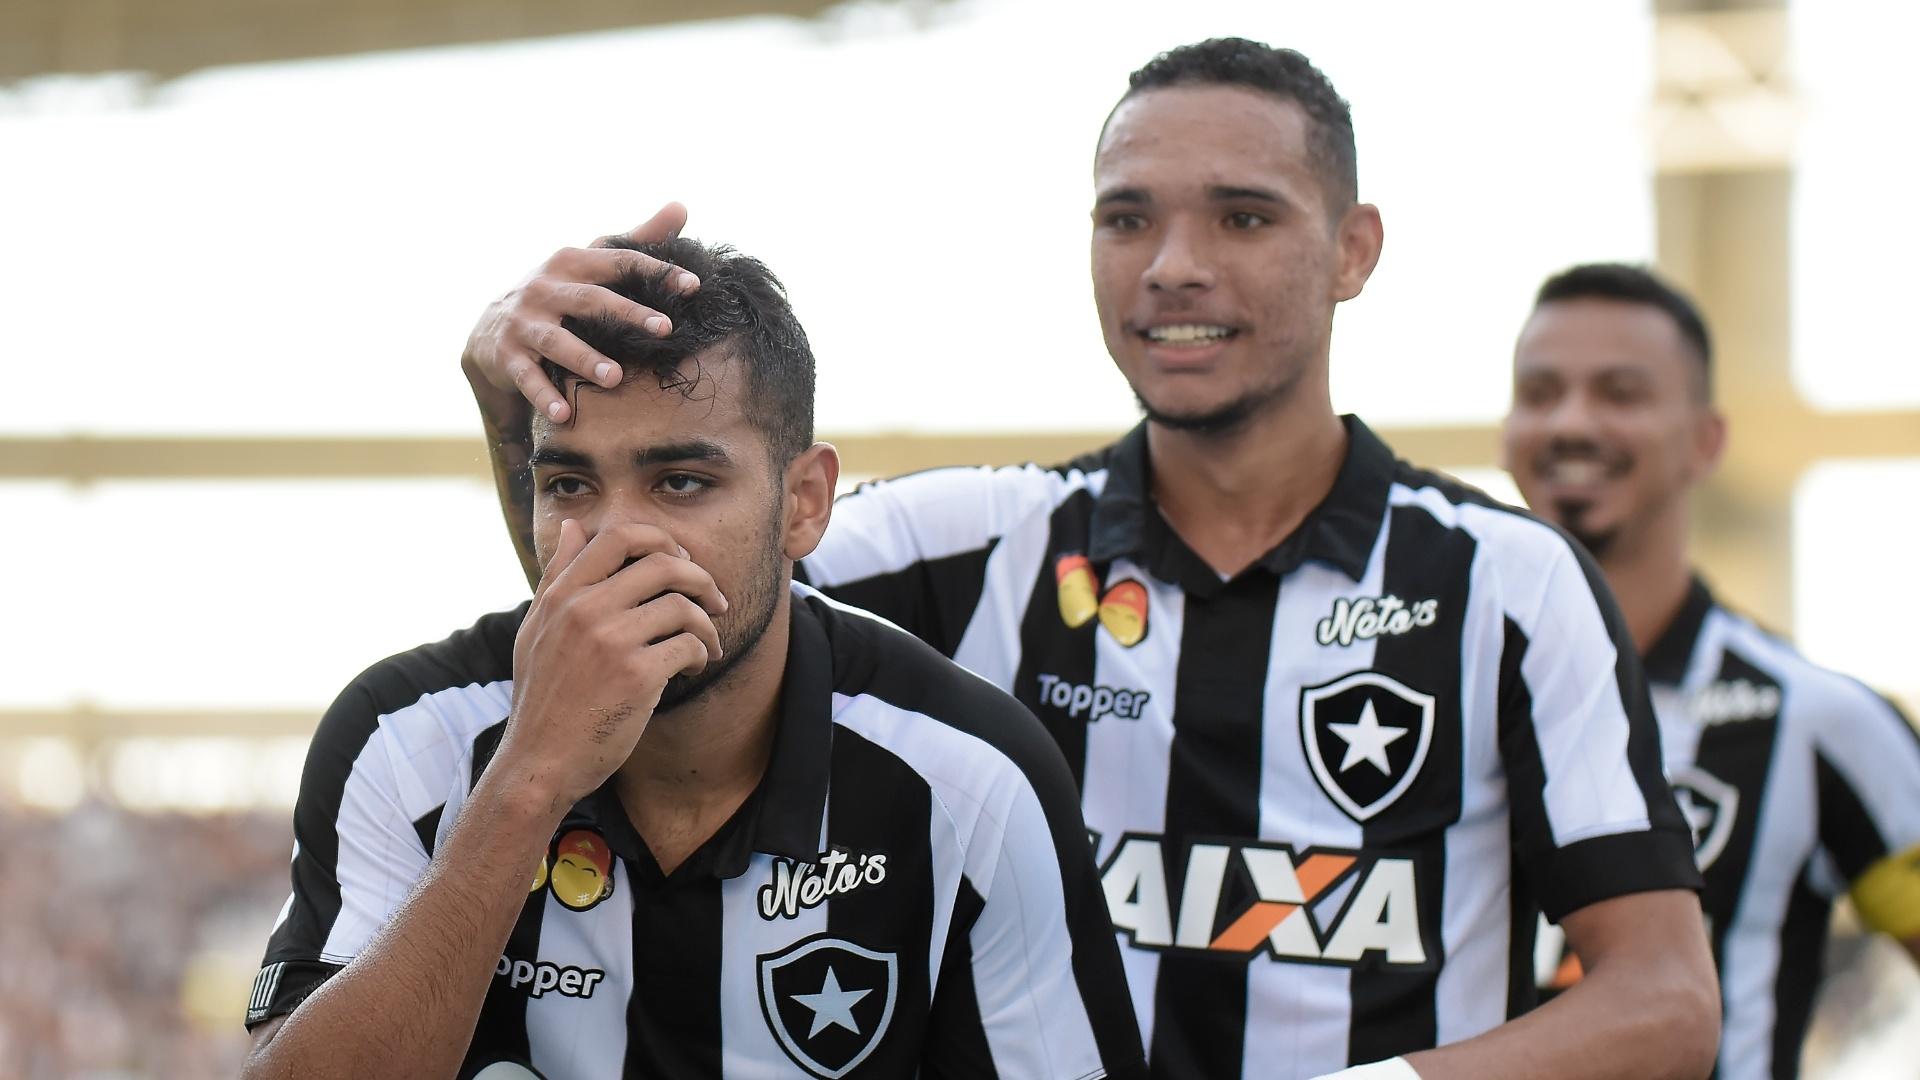 Jogadores do Botafogo comemoram o gol de Brenner contra o Vasco no Campeonato Carioca